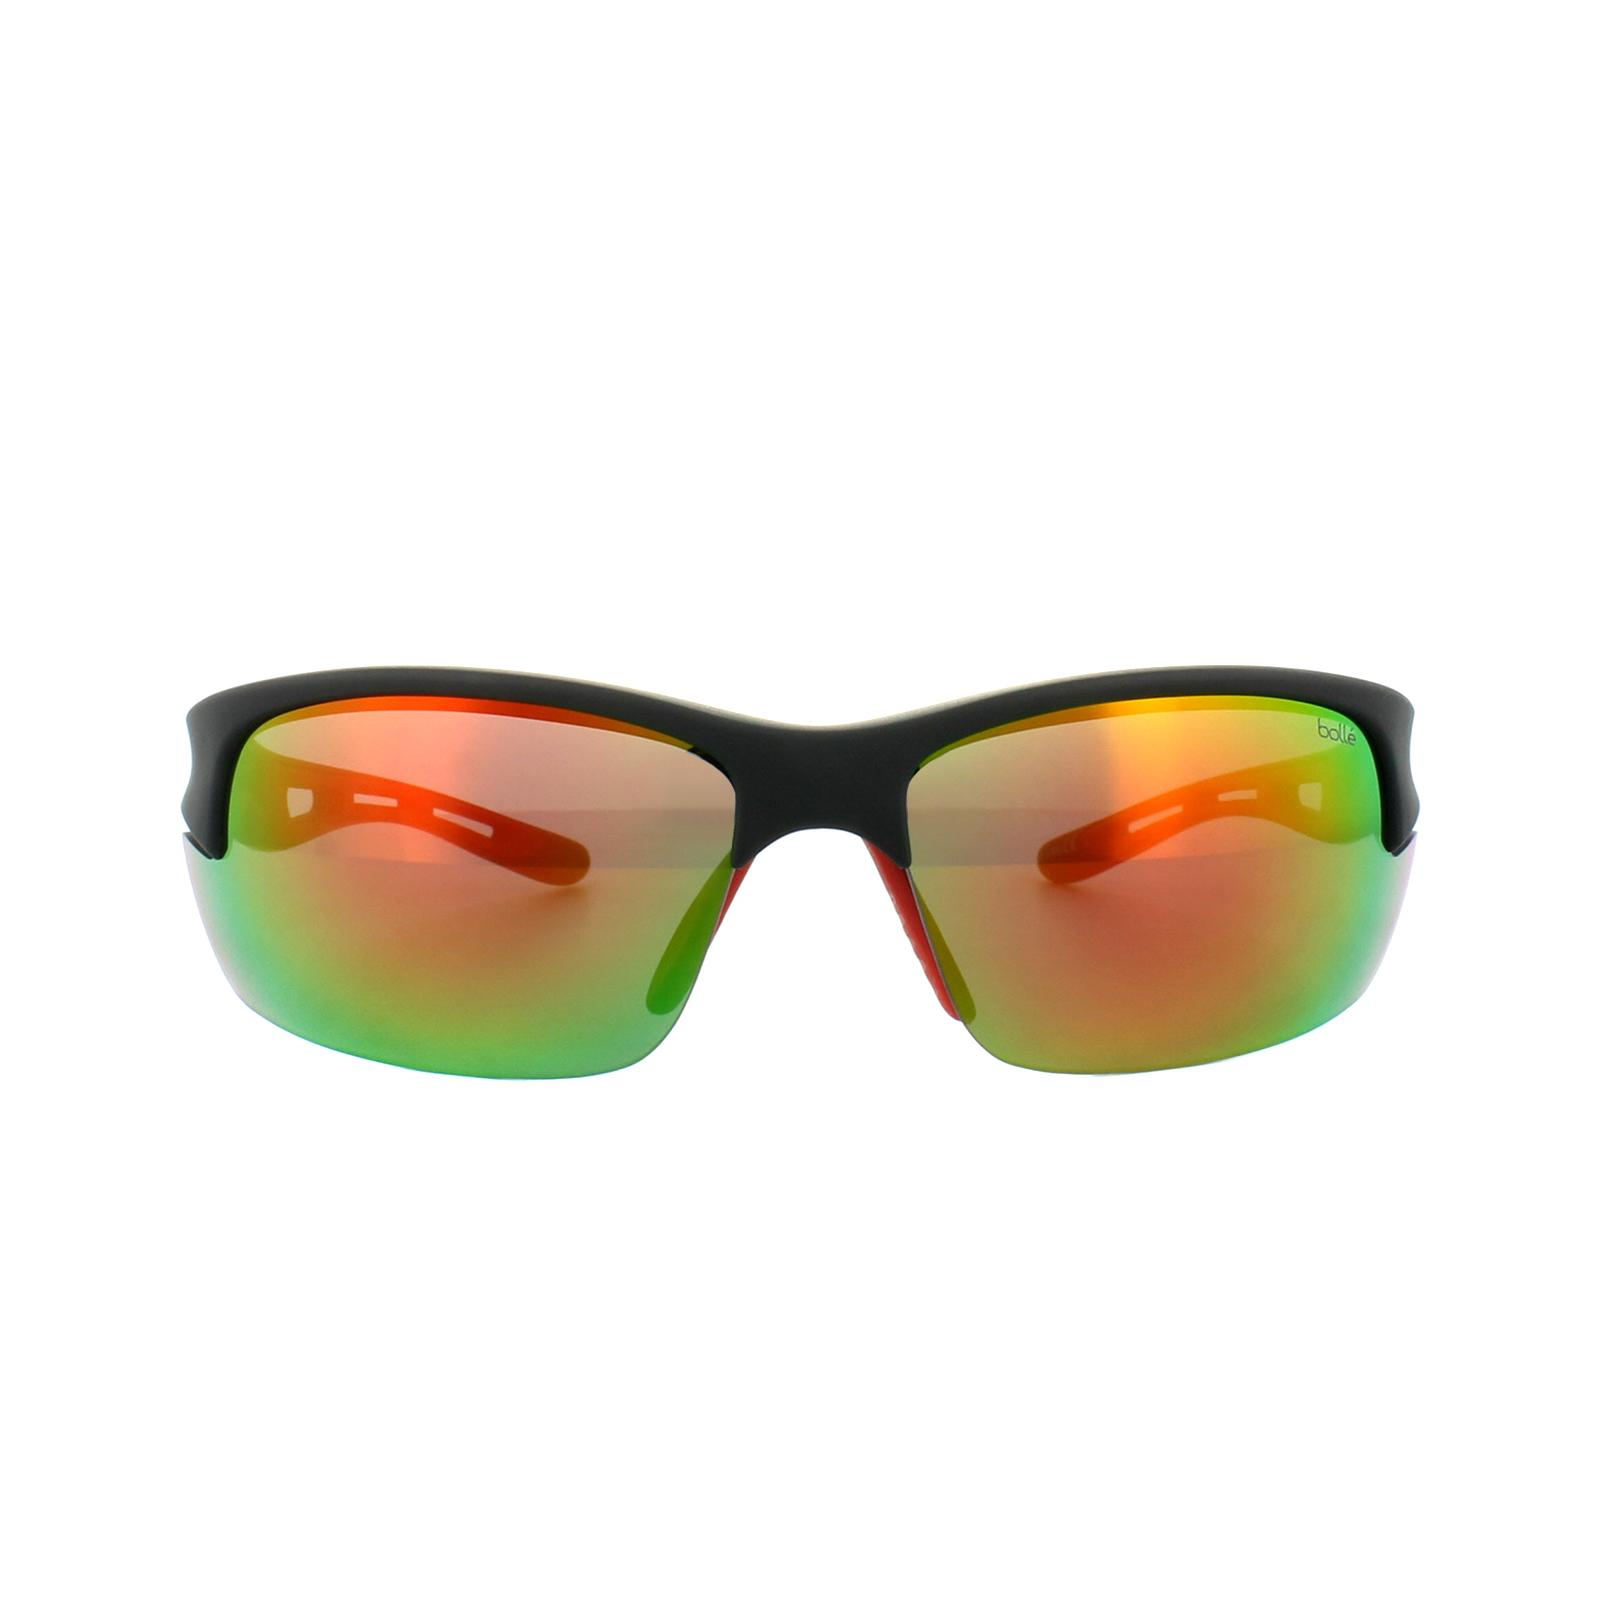 Bolle Sunglasses Bolt S 11776 Matt Black Red TNS Fire